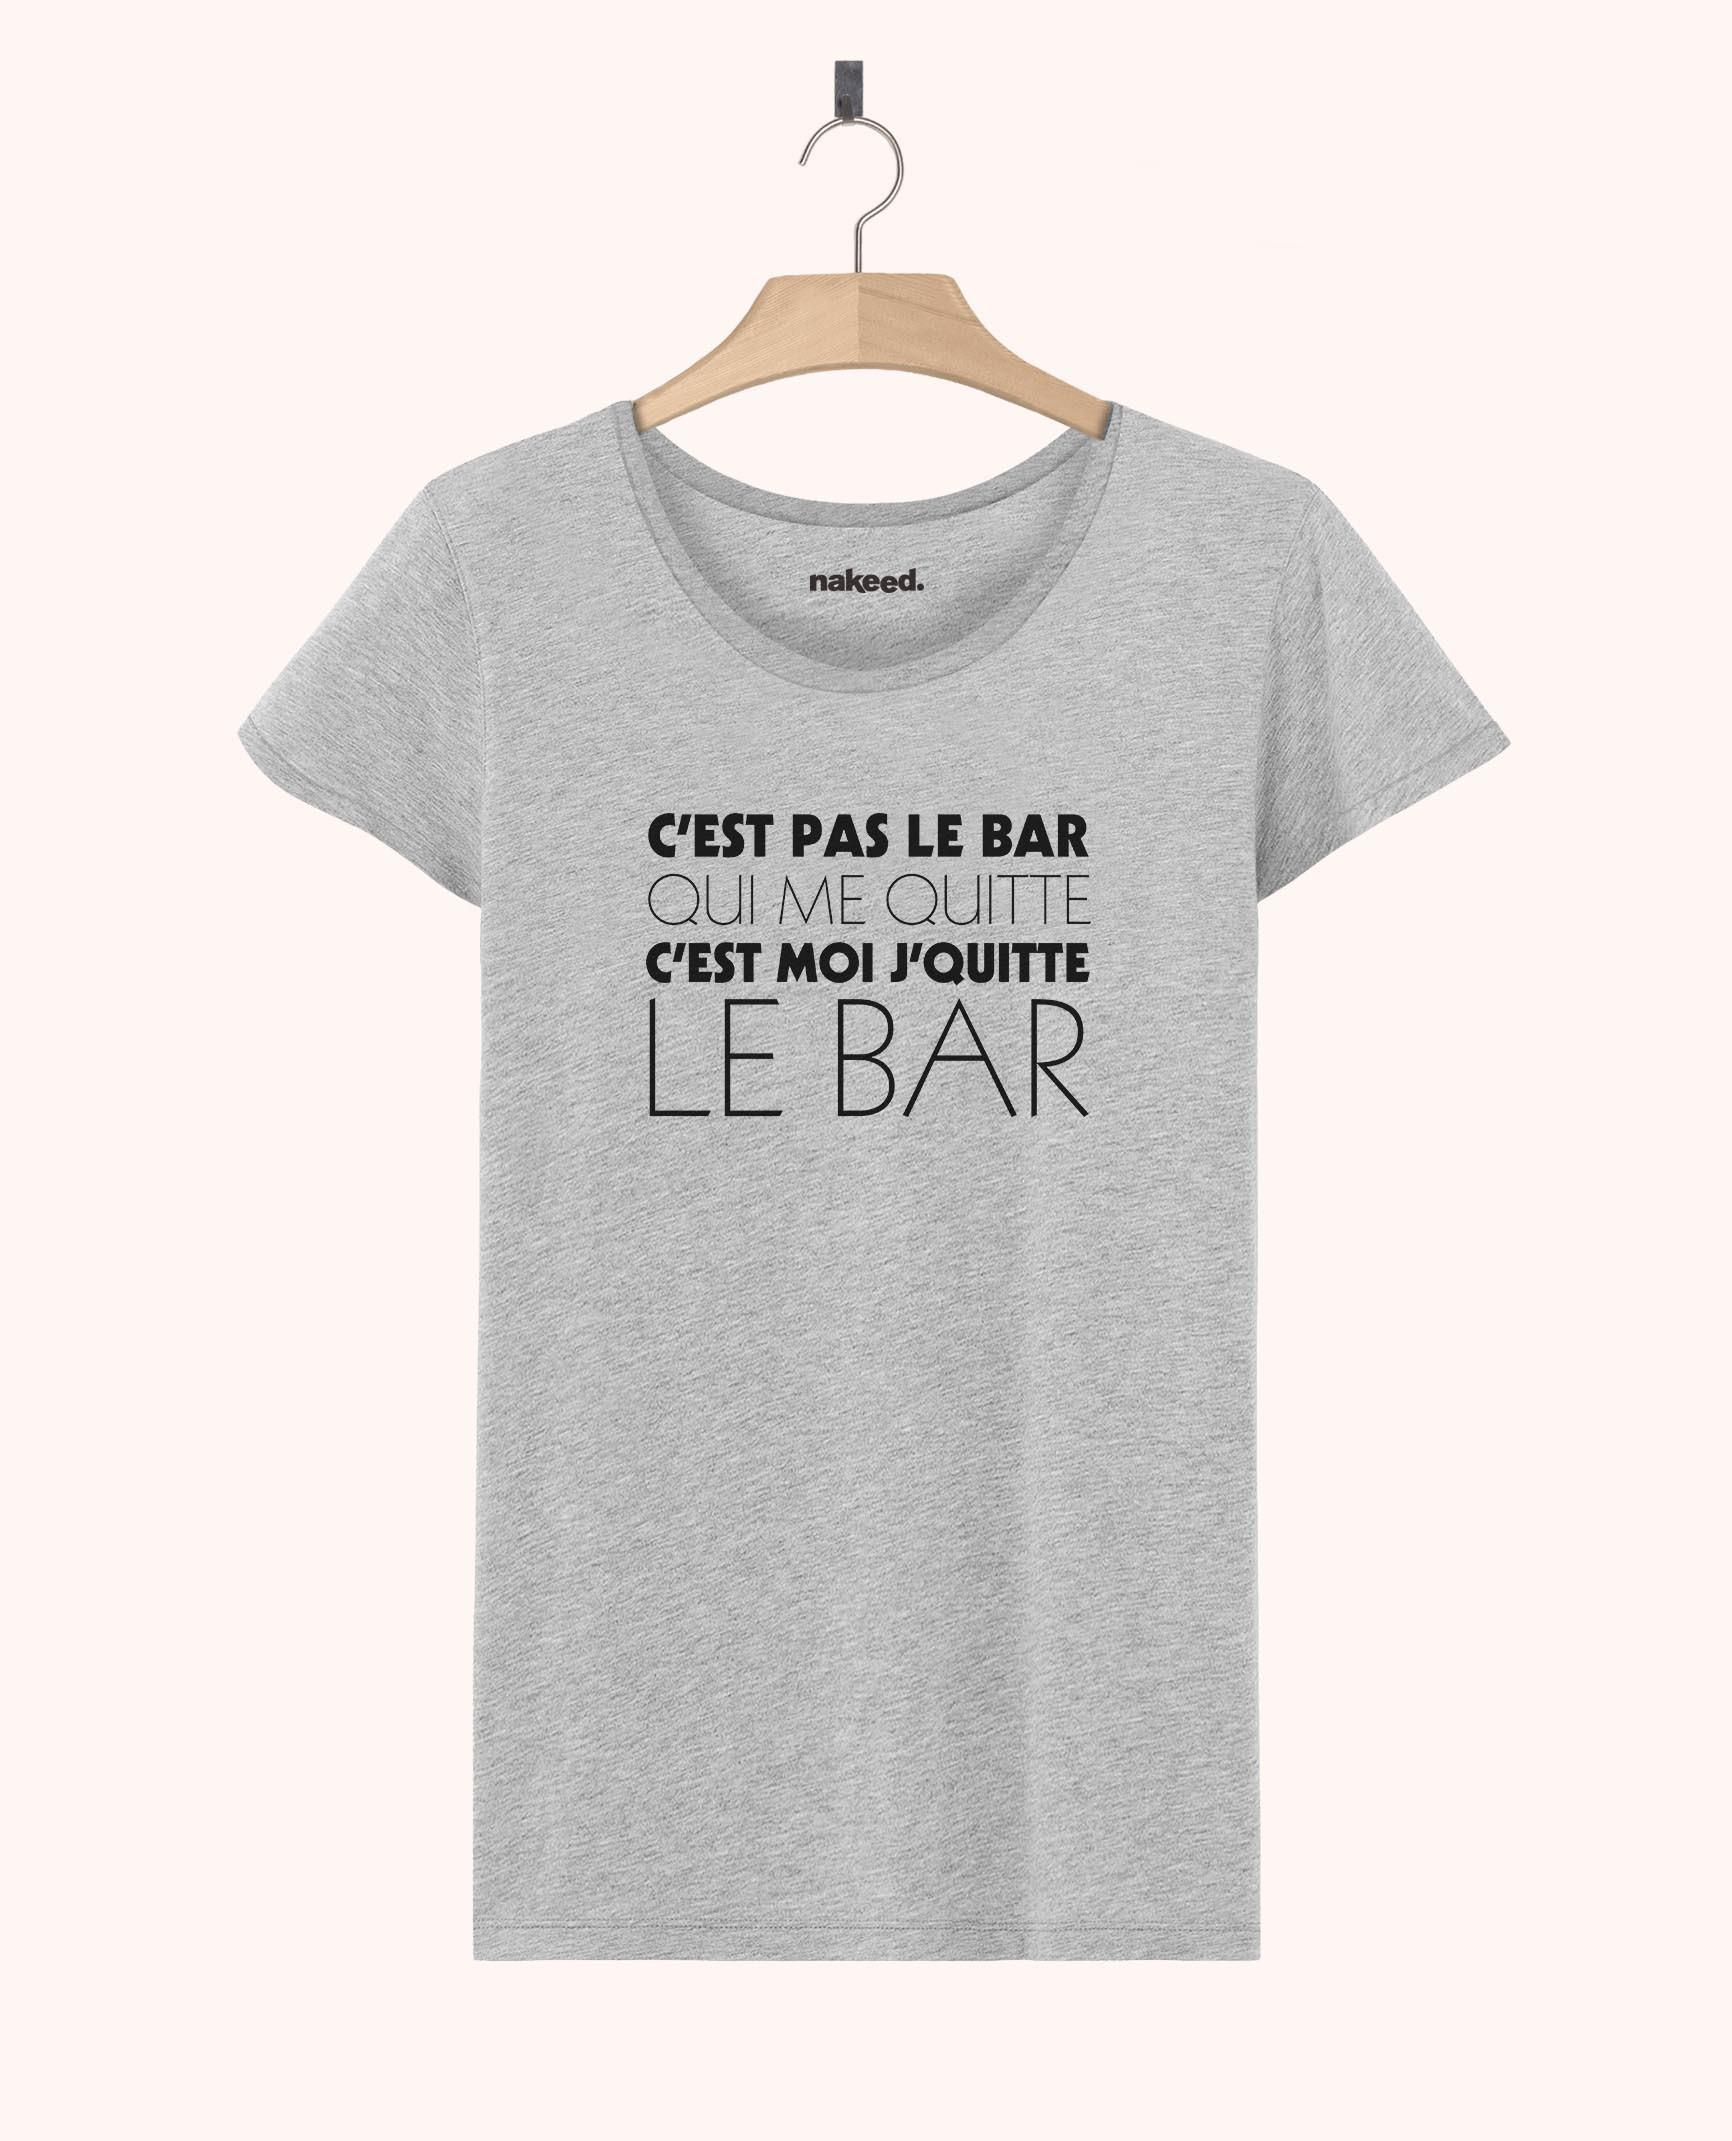 T-Shirt C'est Moi Je Quitte le Bar